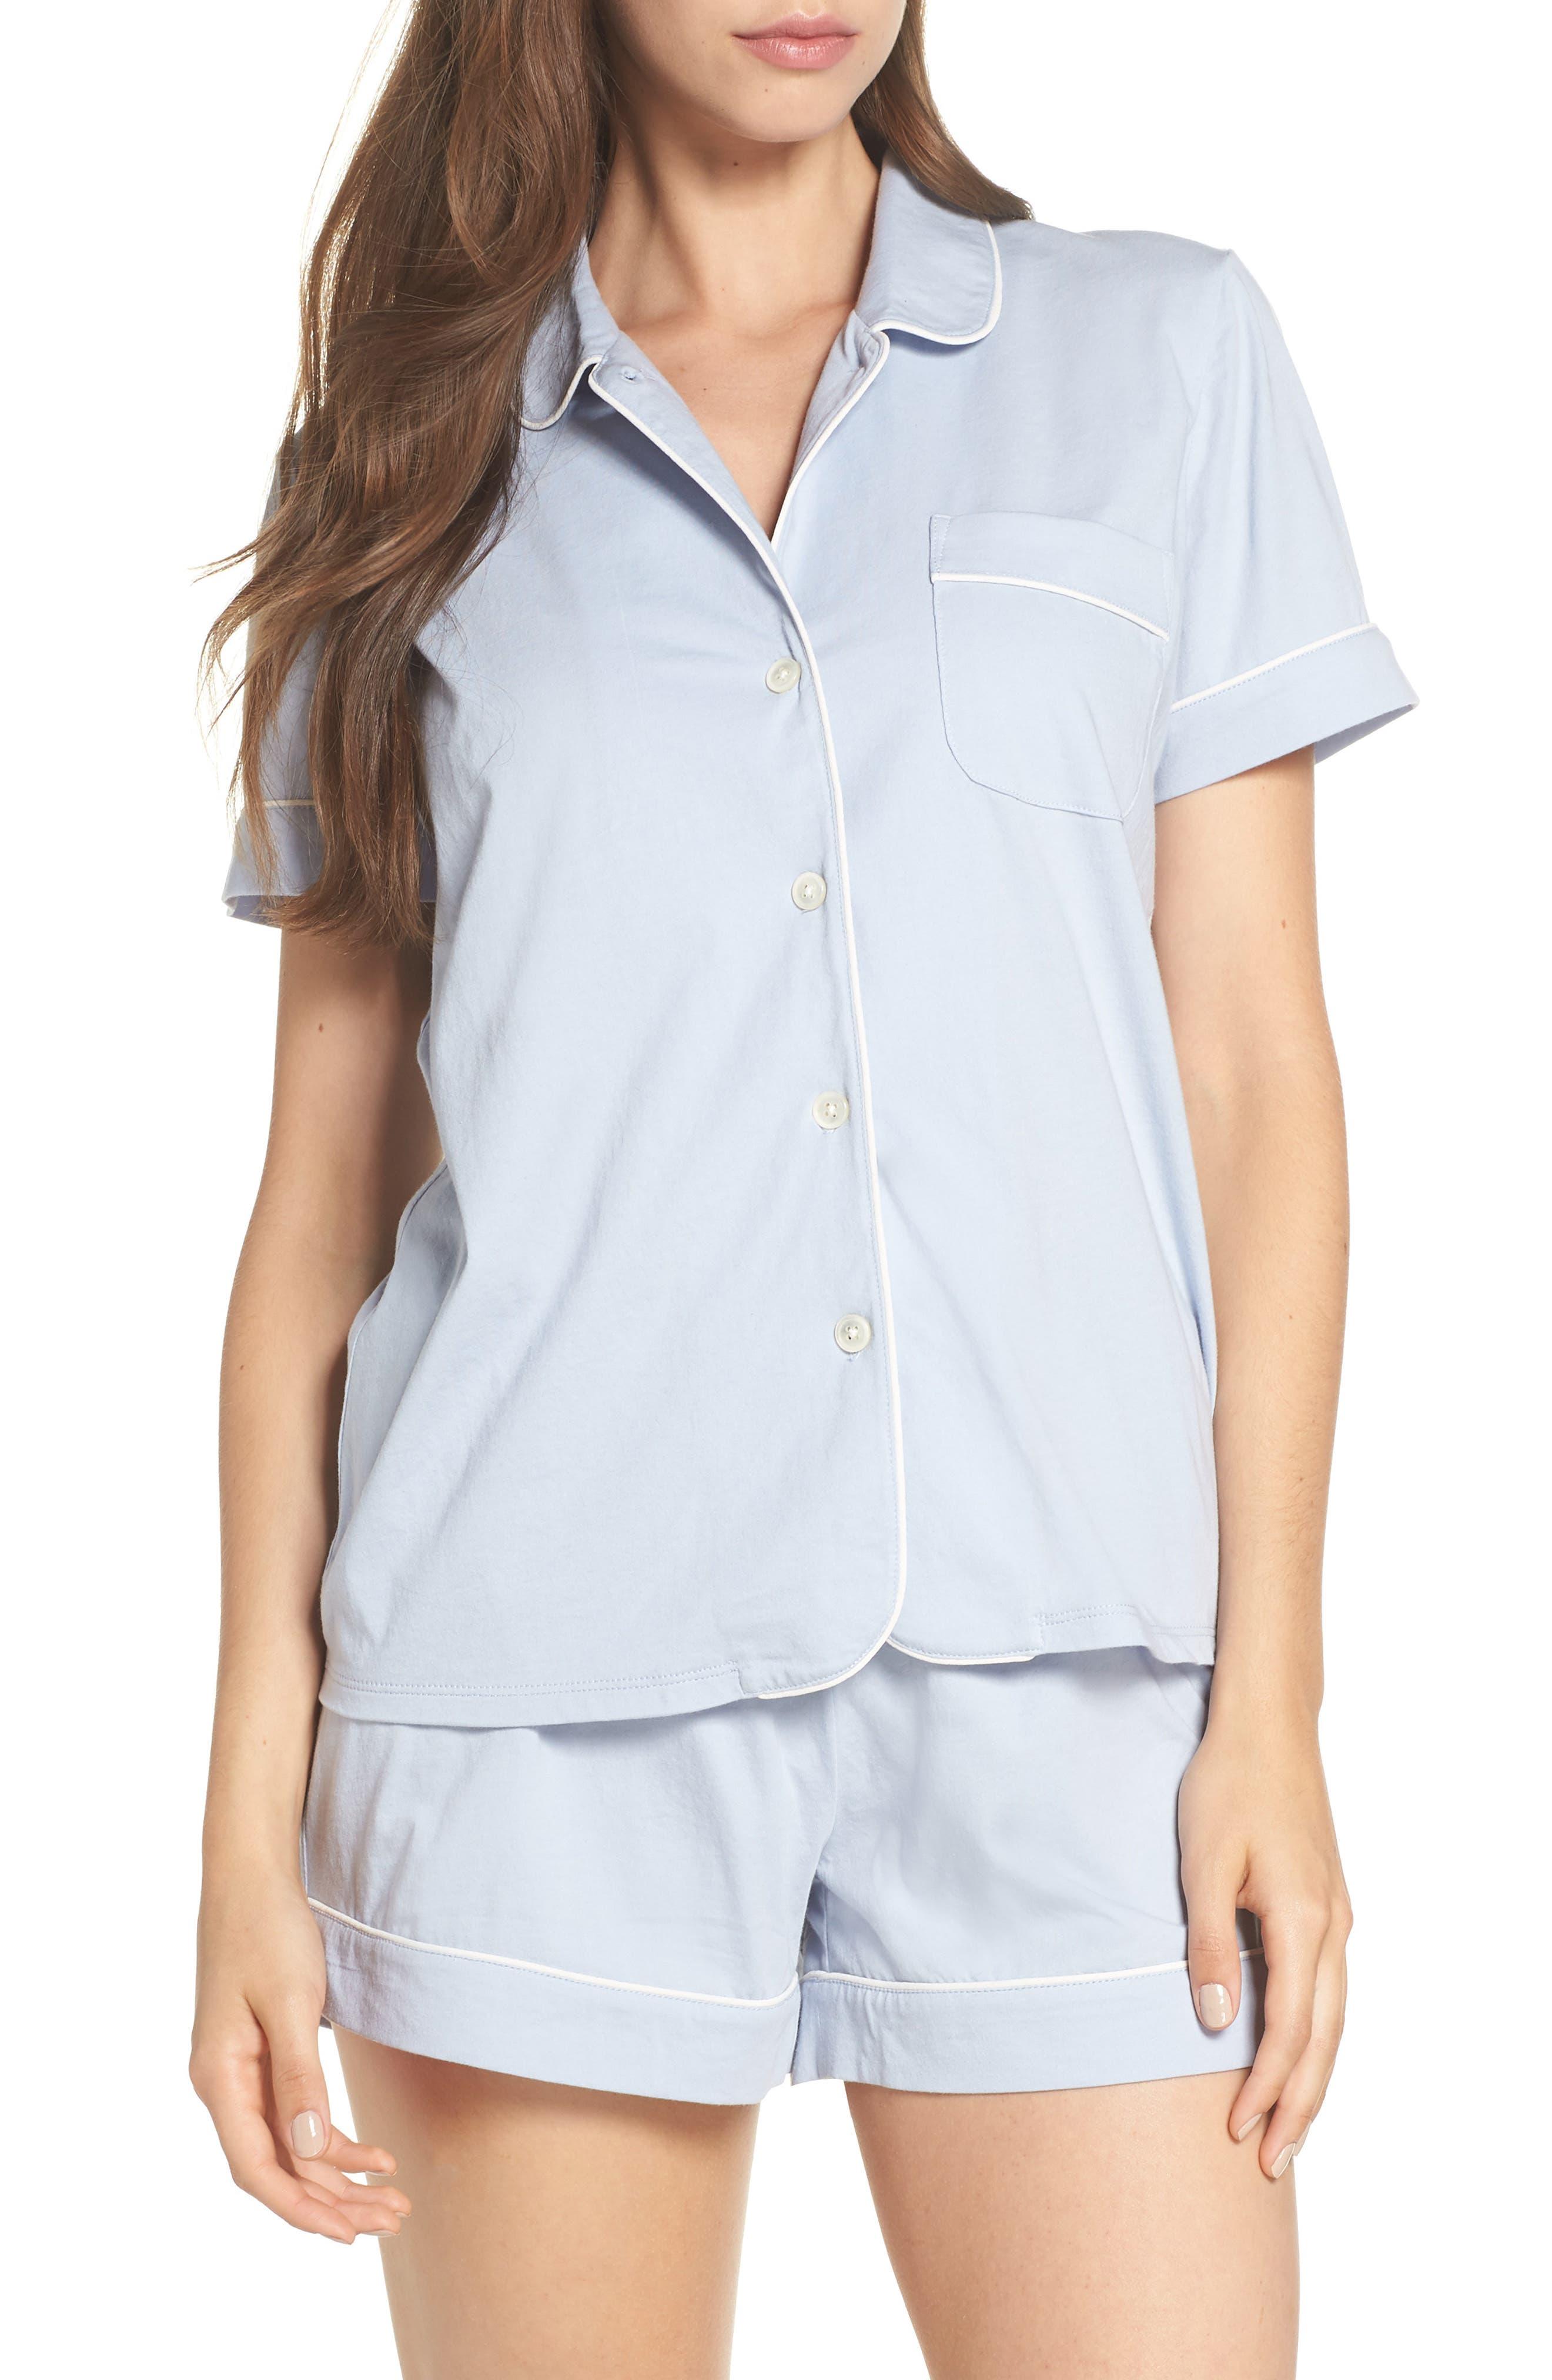 Short Sleeve Knit Pajamas,                             Main thumbnail 1, color,                             PERI SHADOW